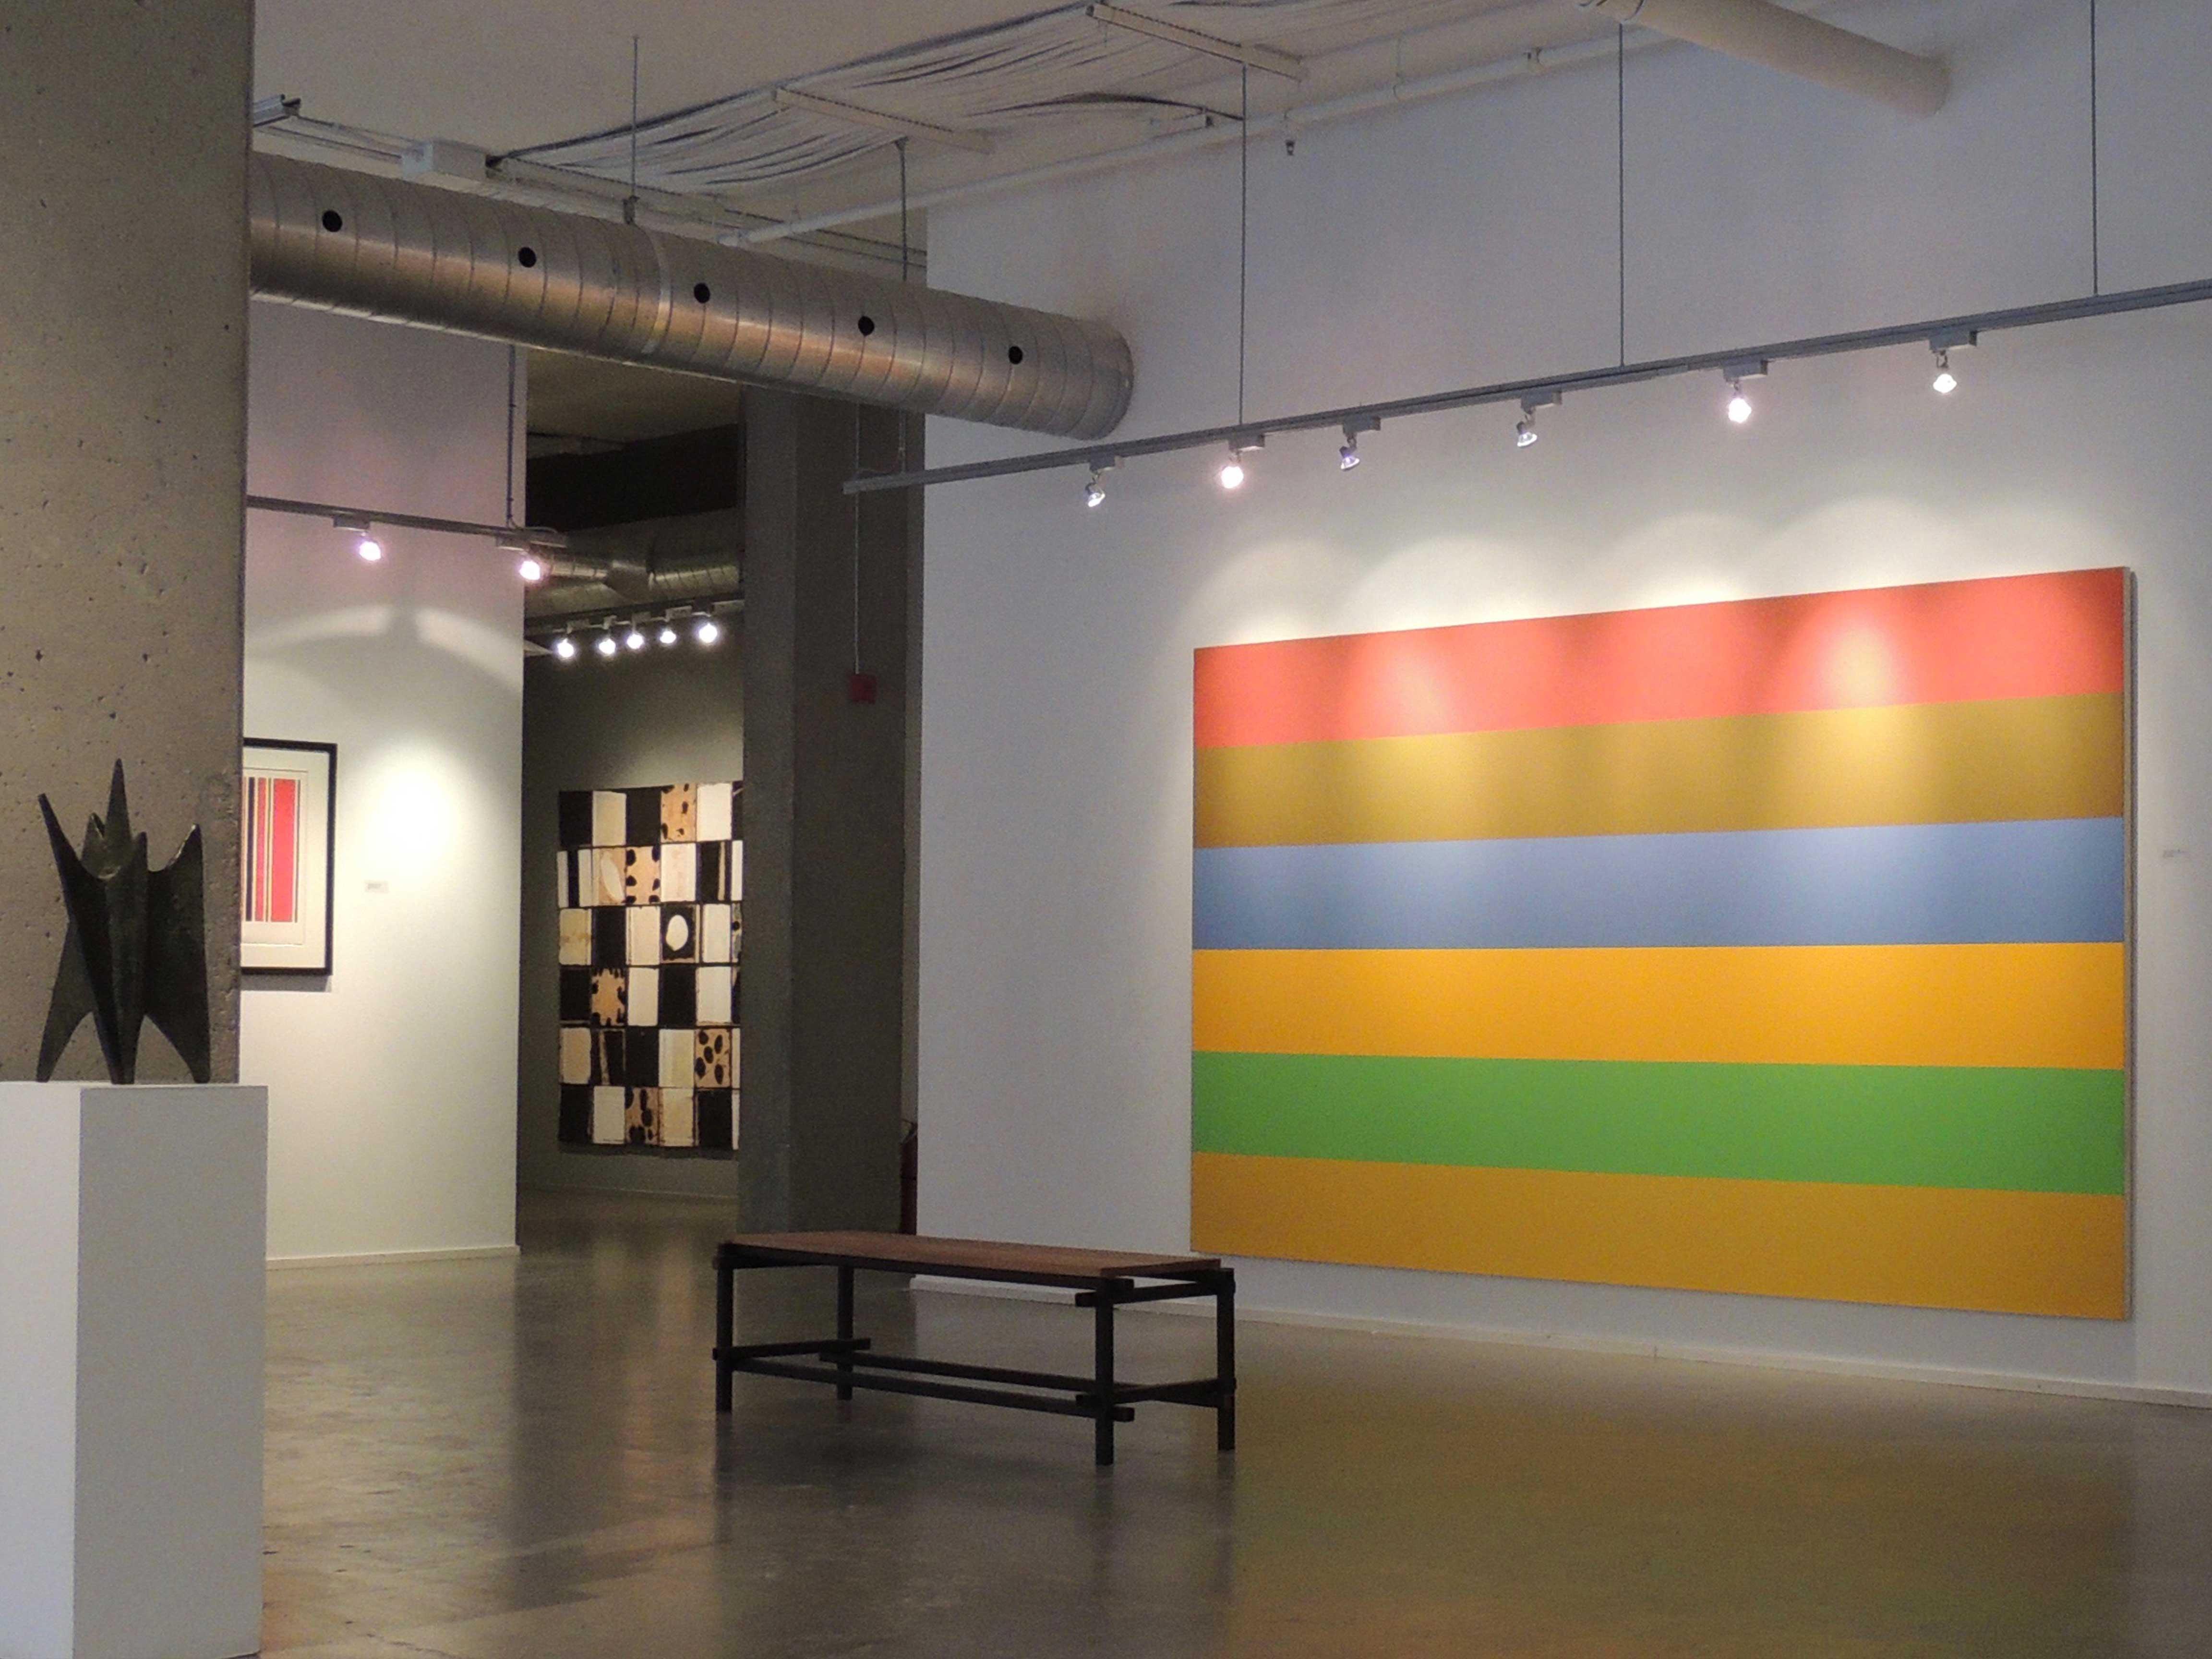 Galerie d'art Lacerte art contemporain, Montreal